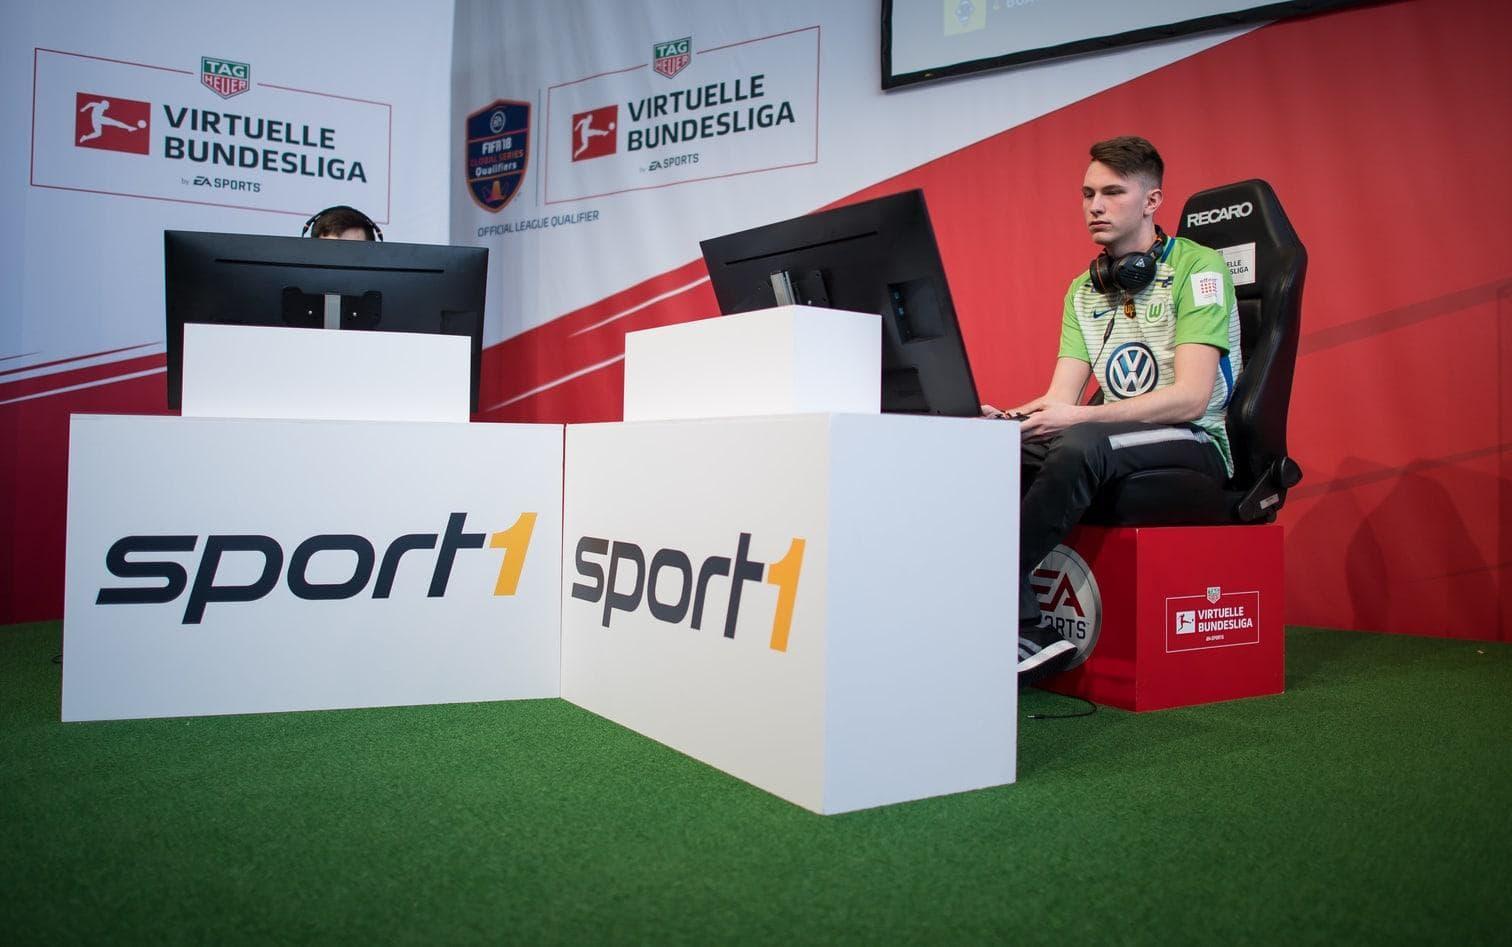 <p>Der VfL Wolfsburg bezahlt neben Timo noch zwei Gaming-Profis - sowie Manager und Betreuer. Außerdem fördert der Verein drei Nachwuchsspieler